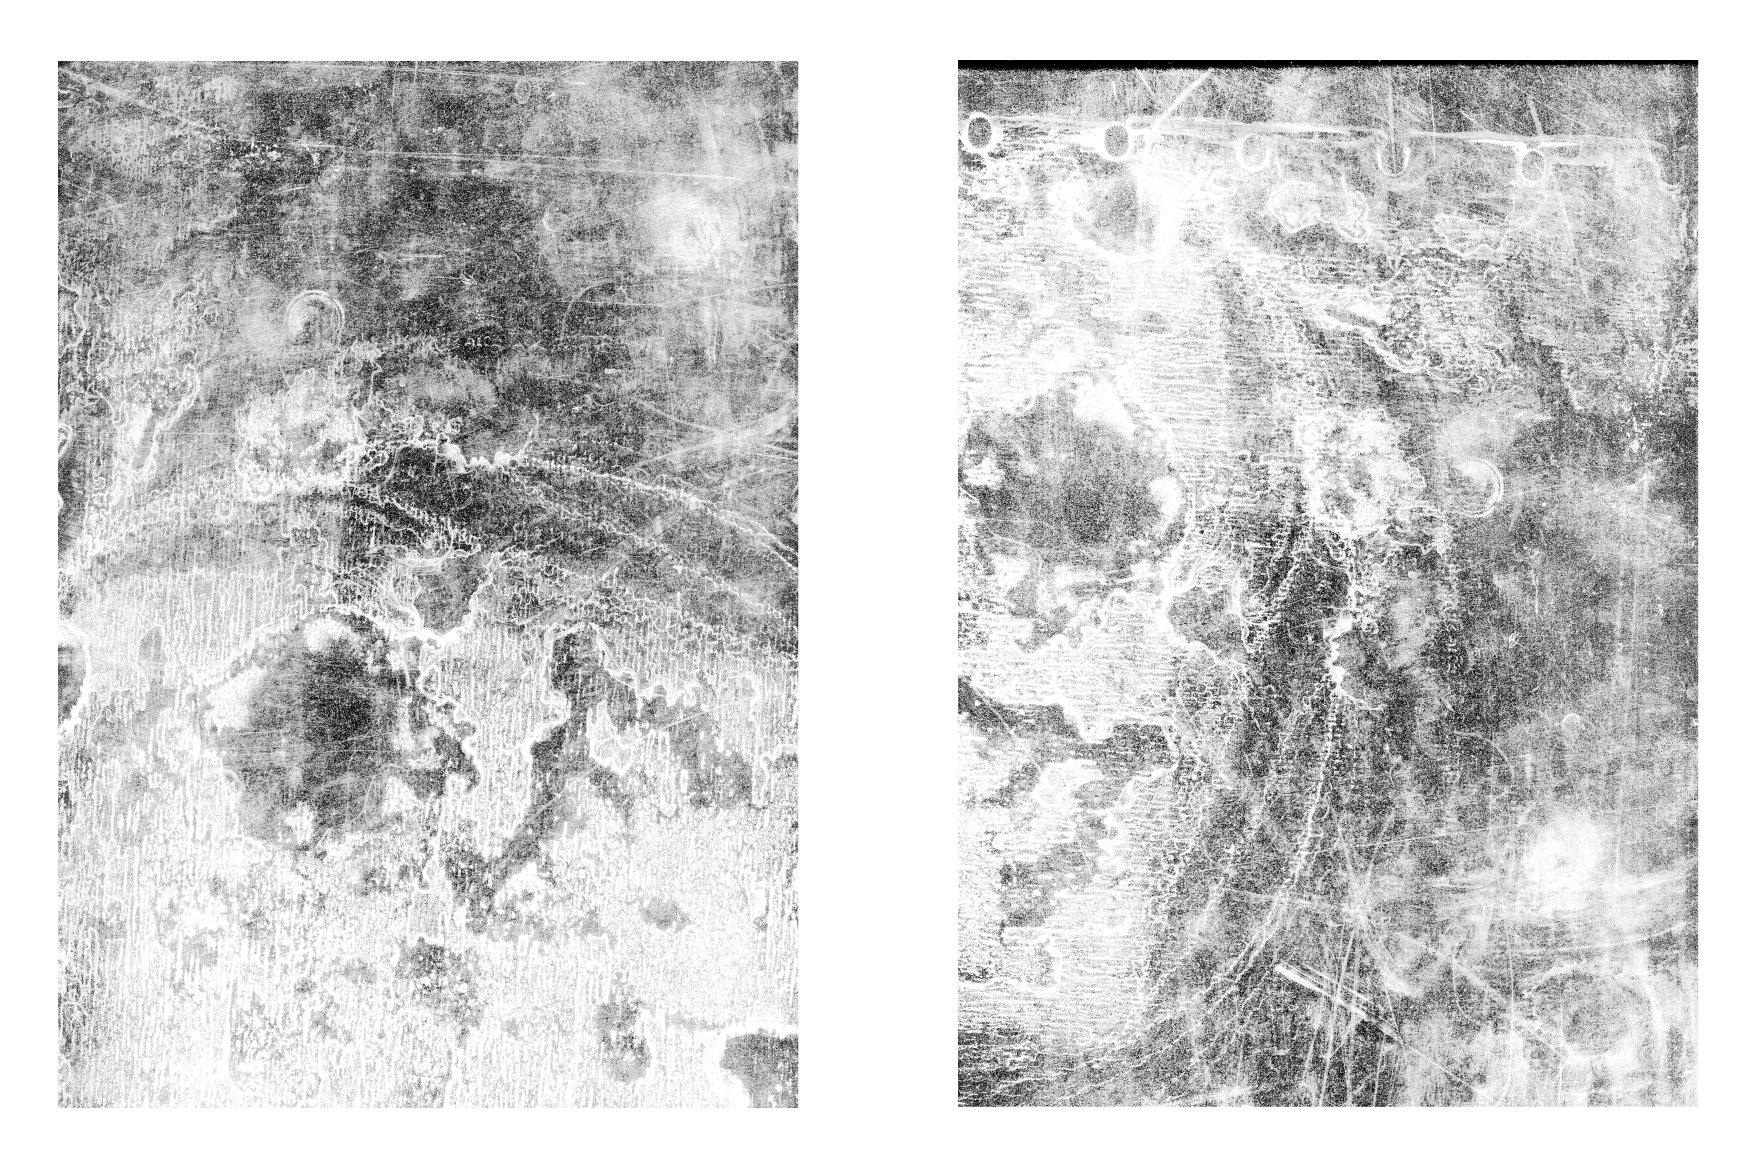 156款复古做旧折痕磨损褶皱纸张背景纹理素材合集 The Grunge Texture Bundle Vol. 1插图(30)